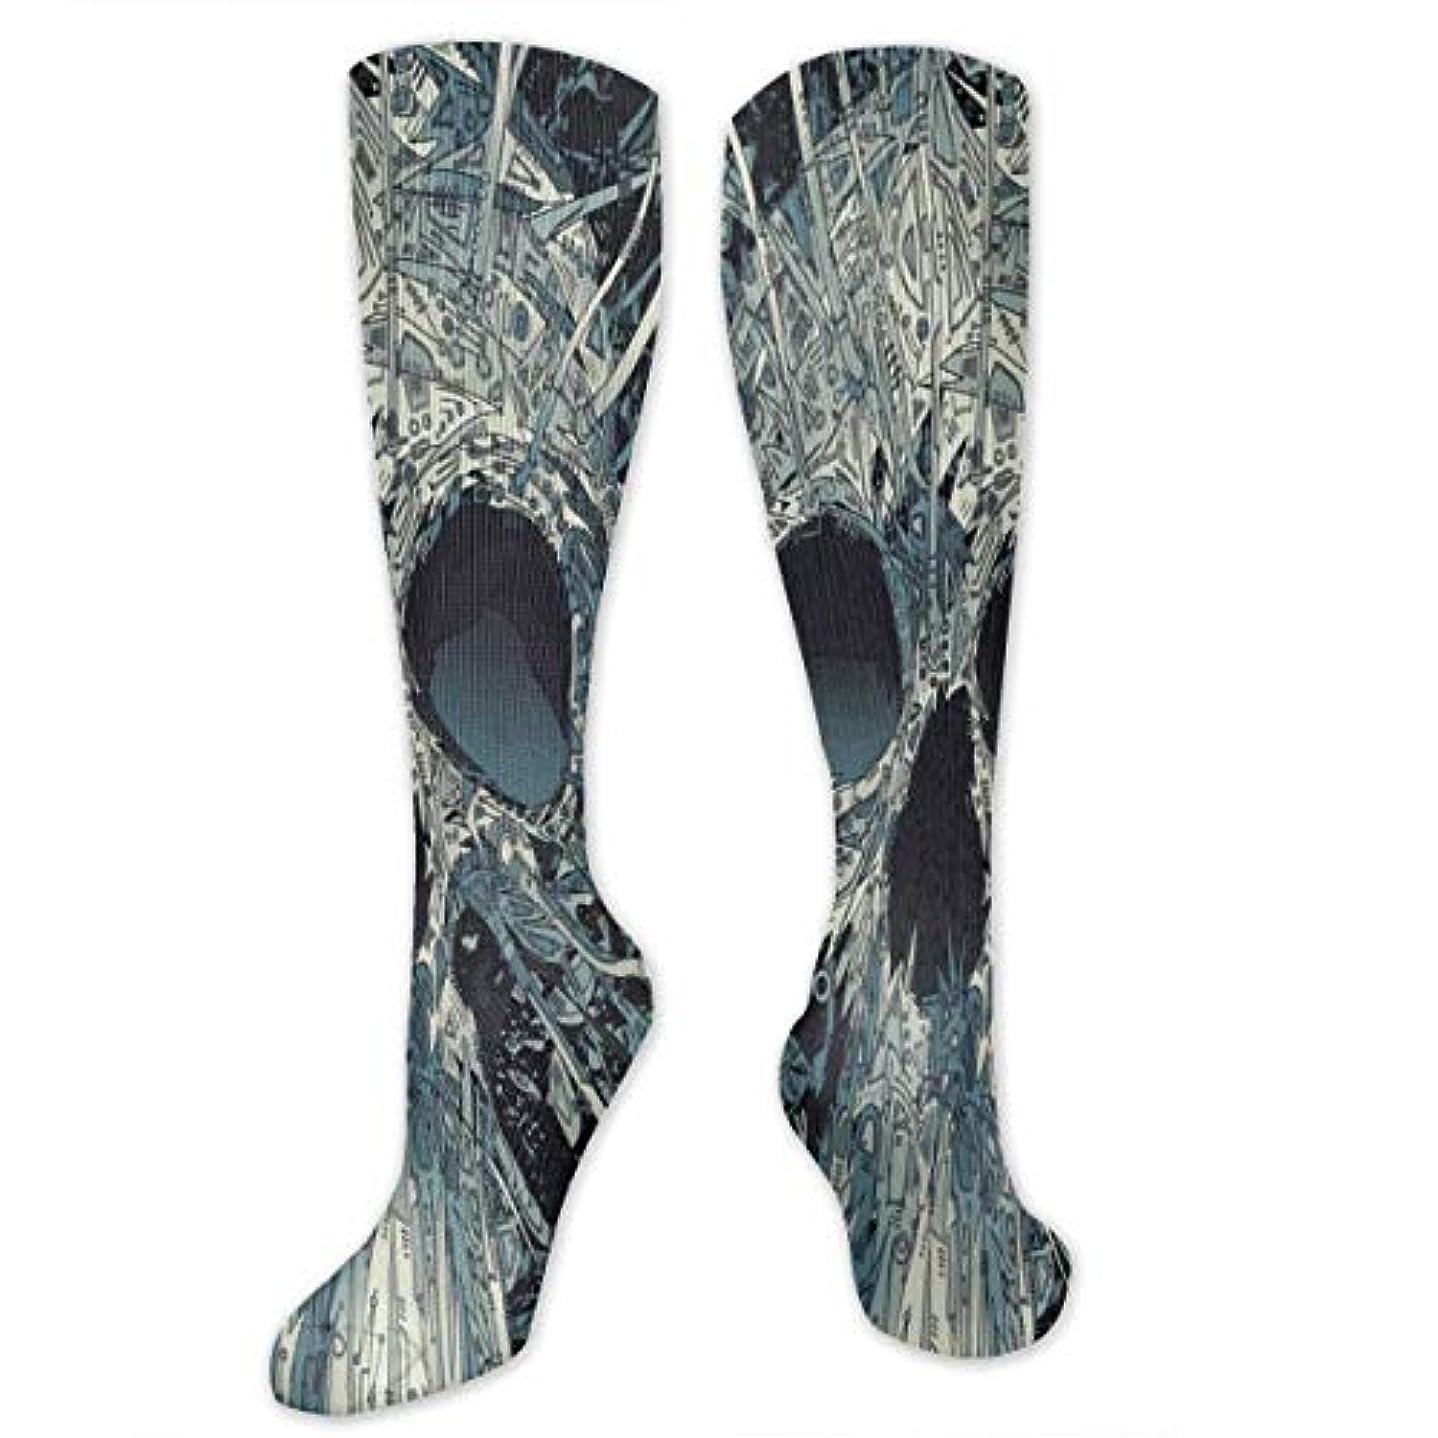 現在床を掃除する薬理学レディースファニーカジュアルソックスコットン抽象スカル(2)運動靴下